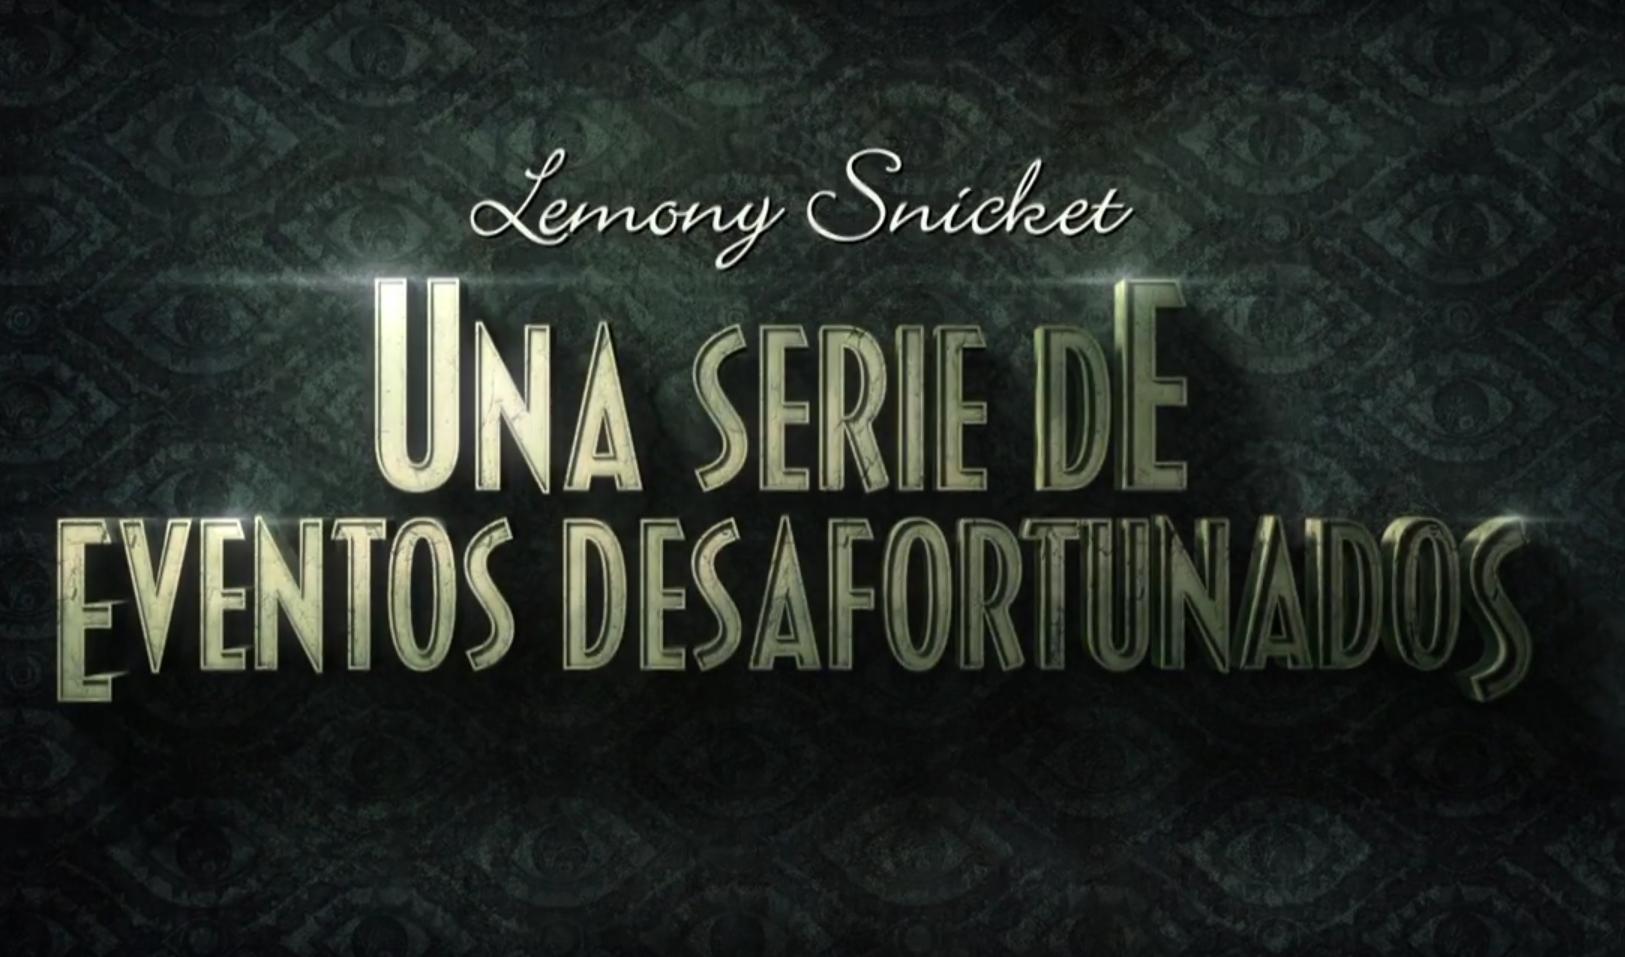 Lemony Snicket habla sobre Una Serie de Eventos Desafortunados